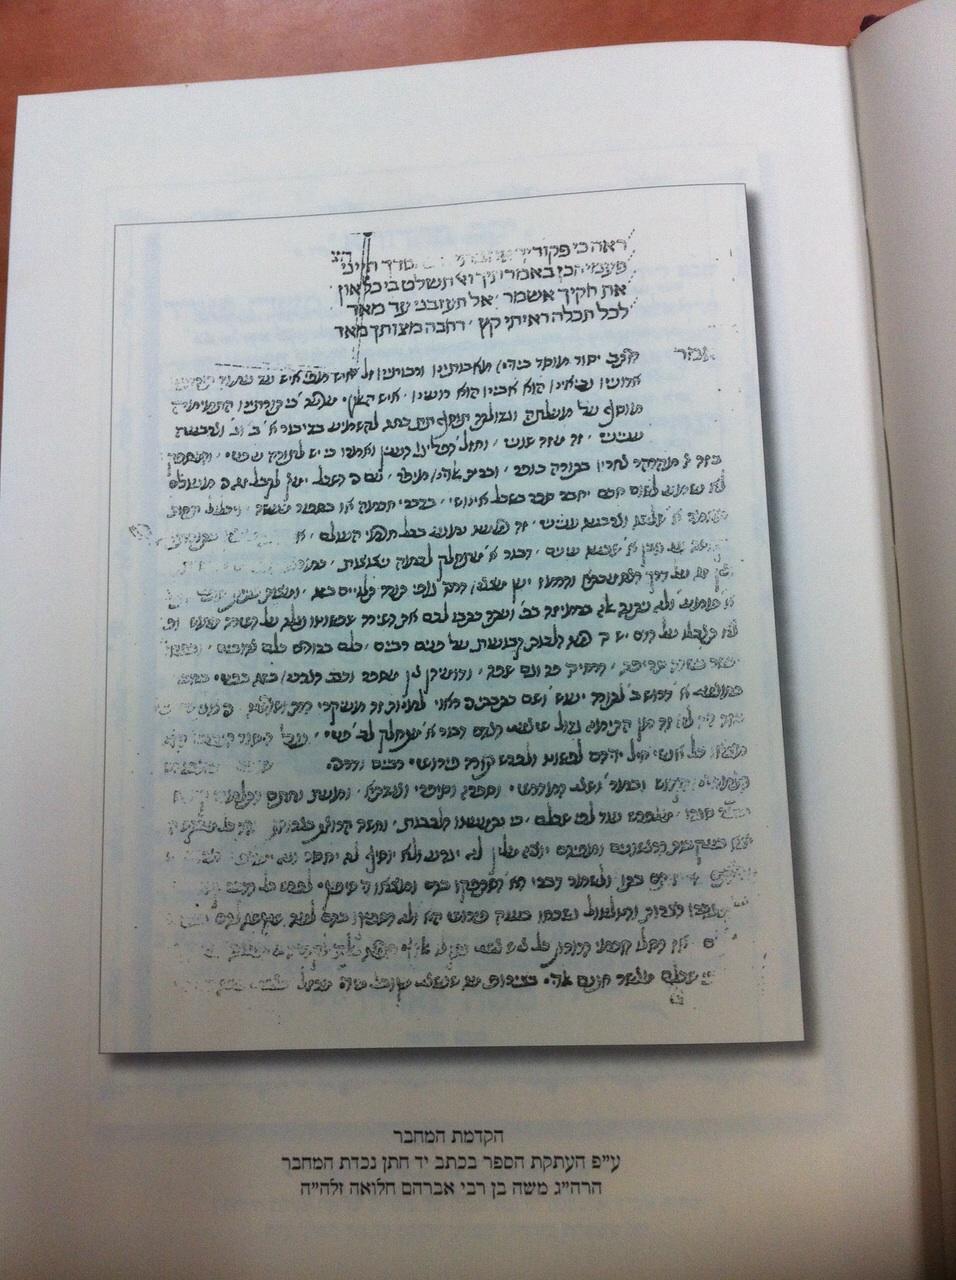 כתב יד מזרחי|צילום: כל ישראל חברים